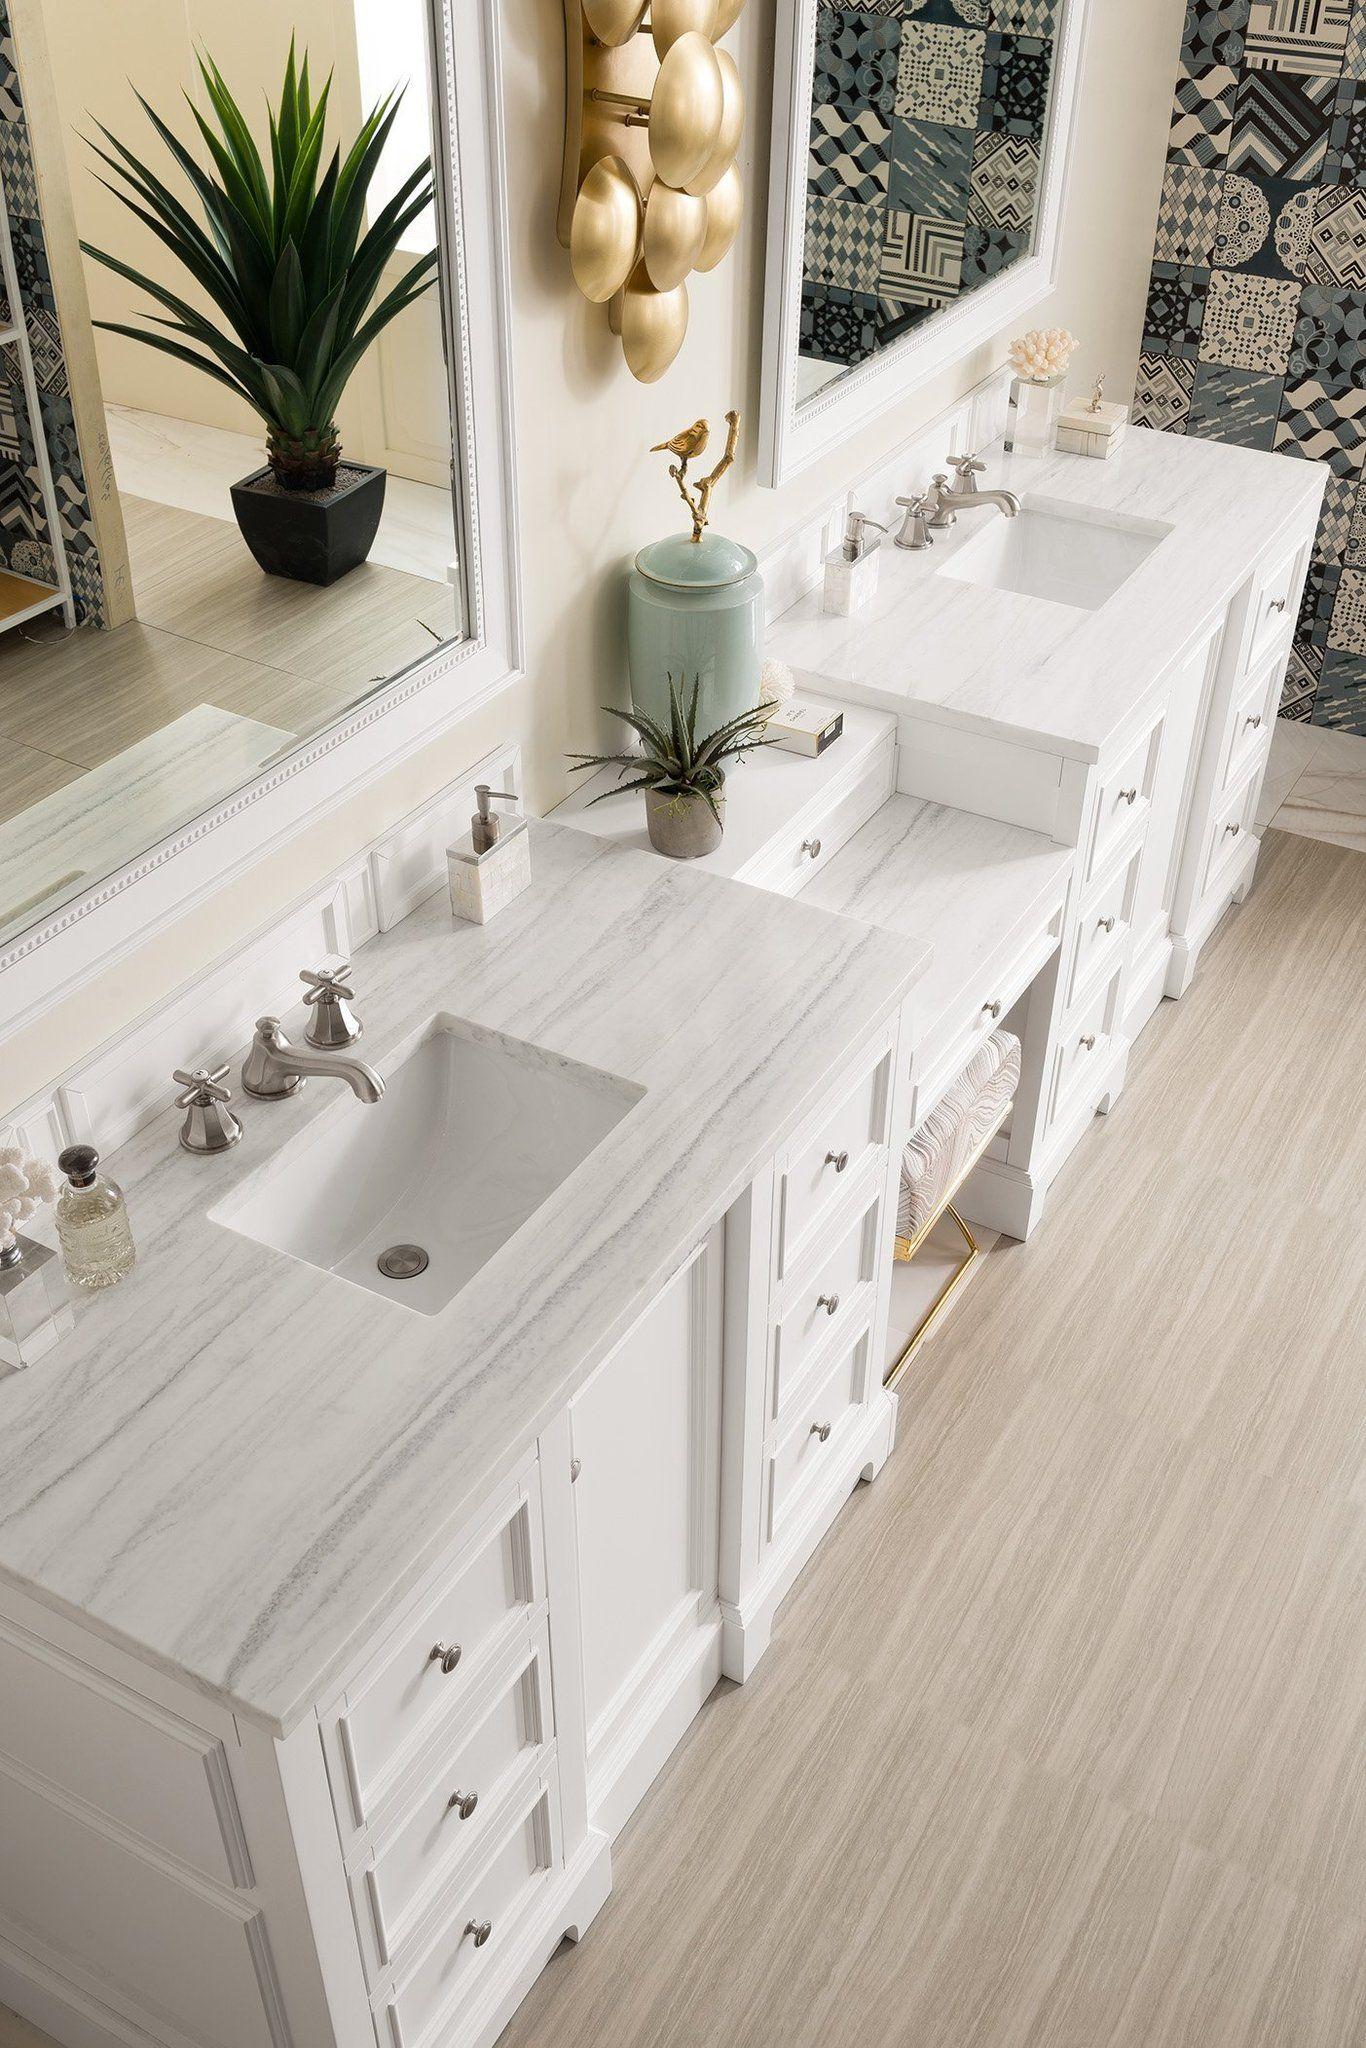 De Soto 118 Double Bathroom Vanity Bathroom Interior Modern